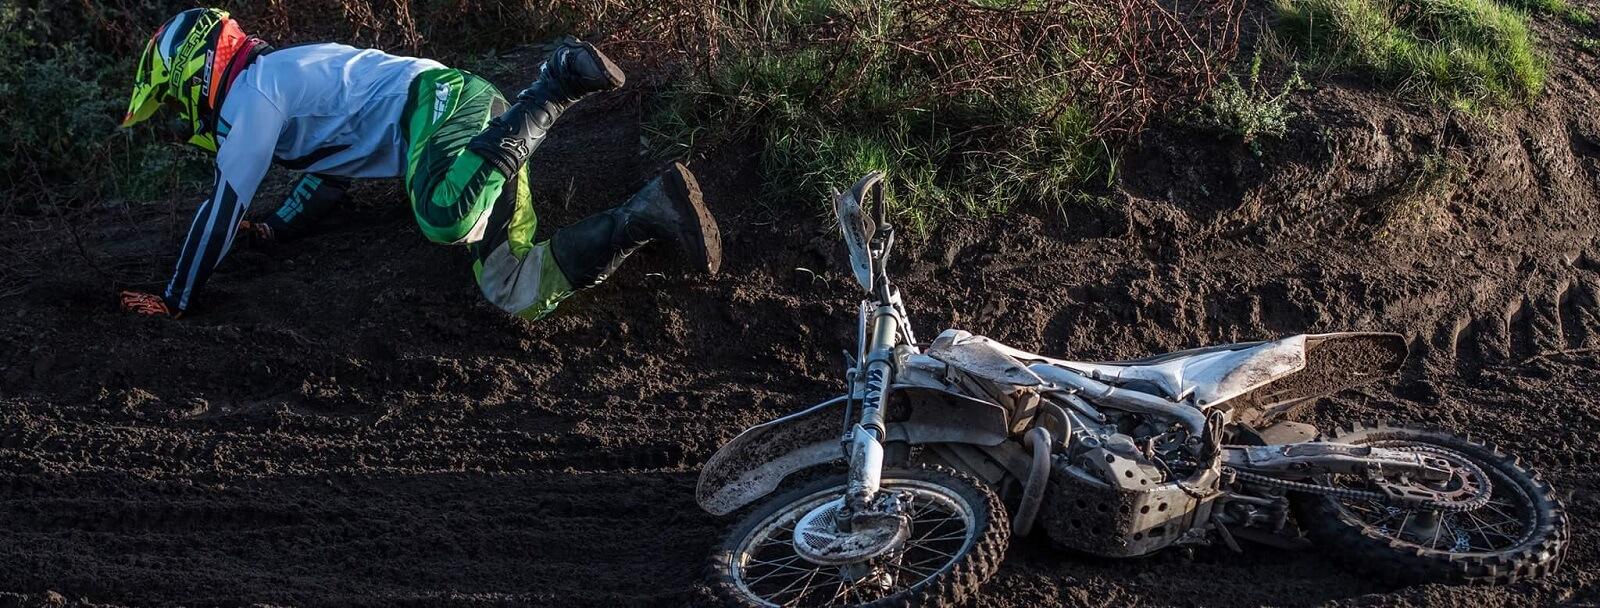 vallen door een schrikreactie motorrijders